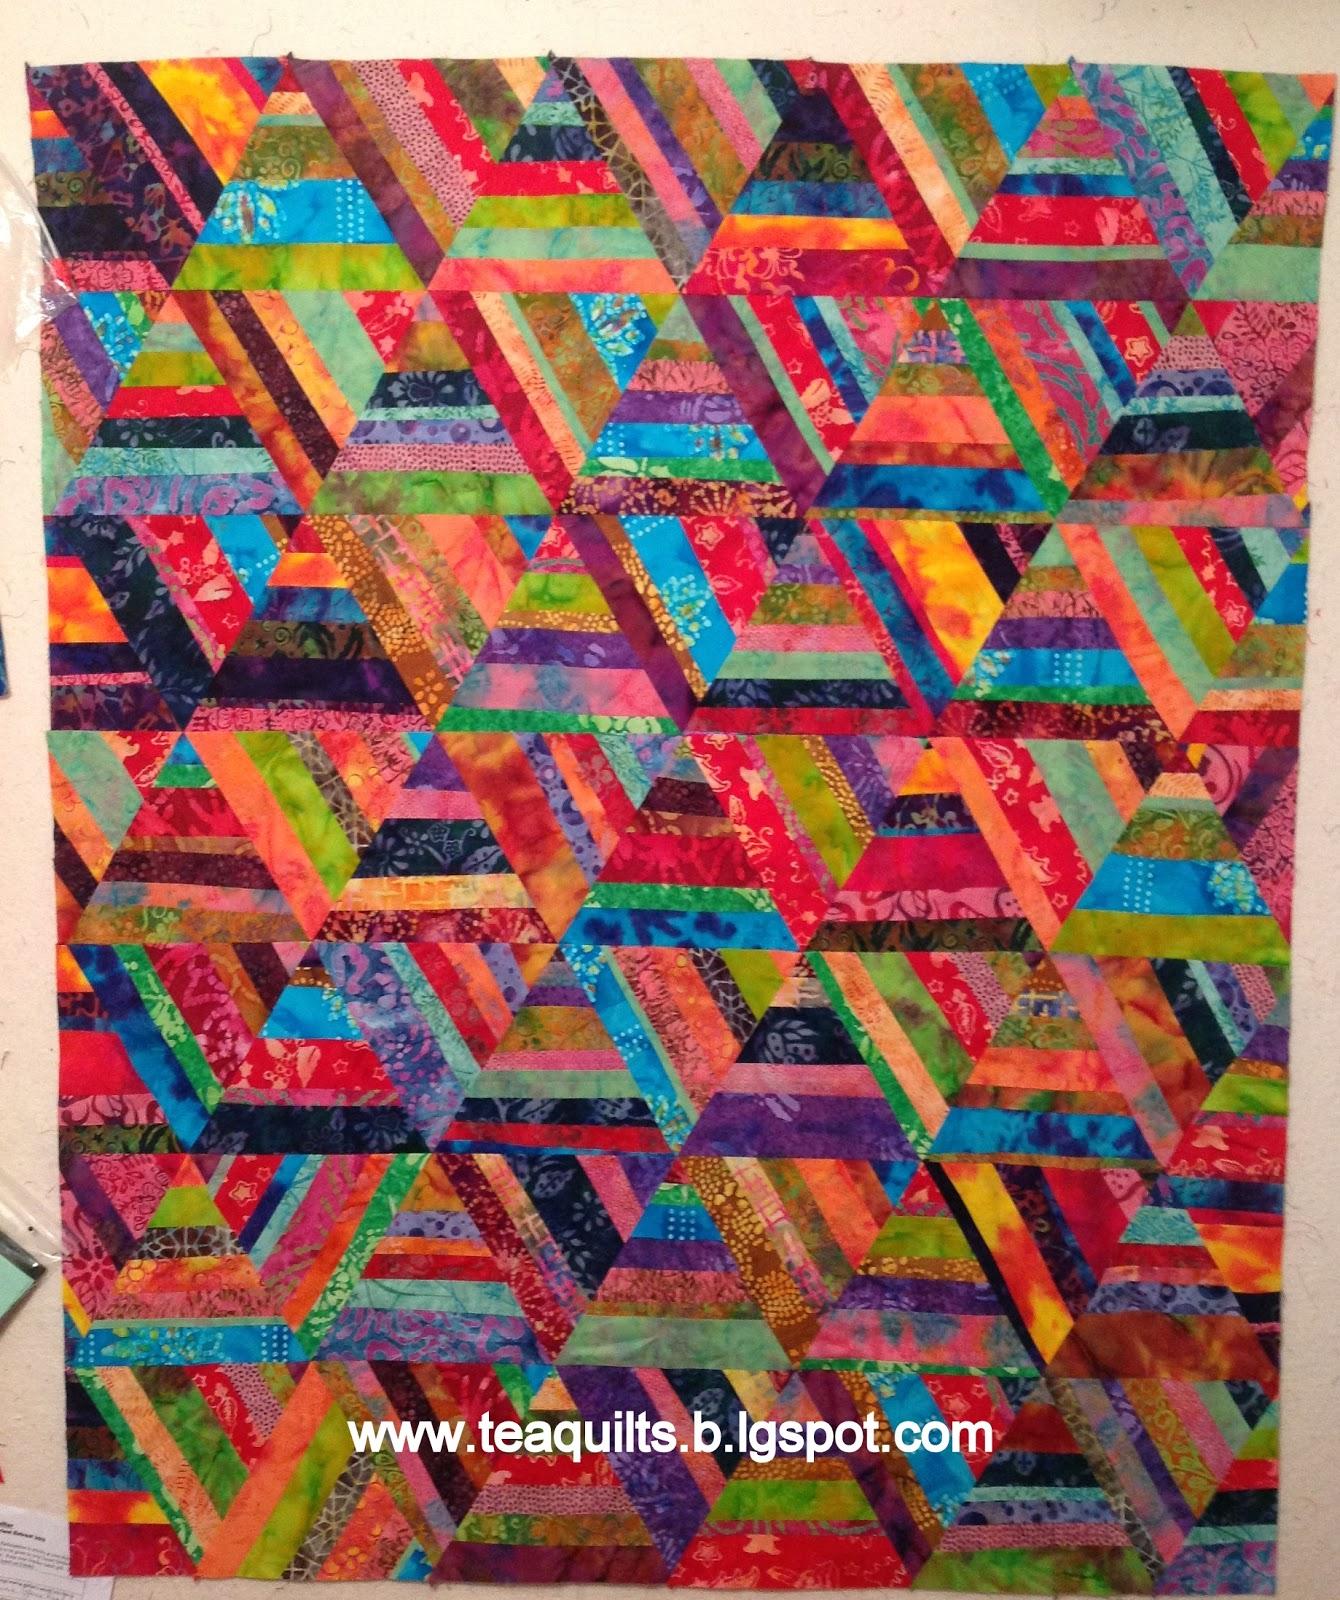 Teaquilts scrap quilting club for Scrap quilt